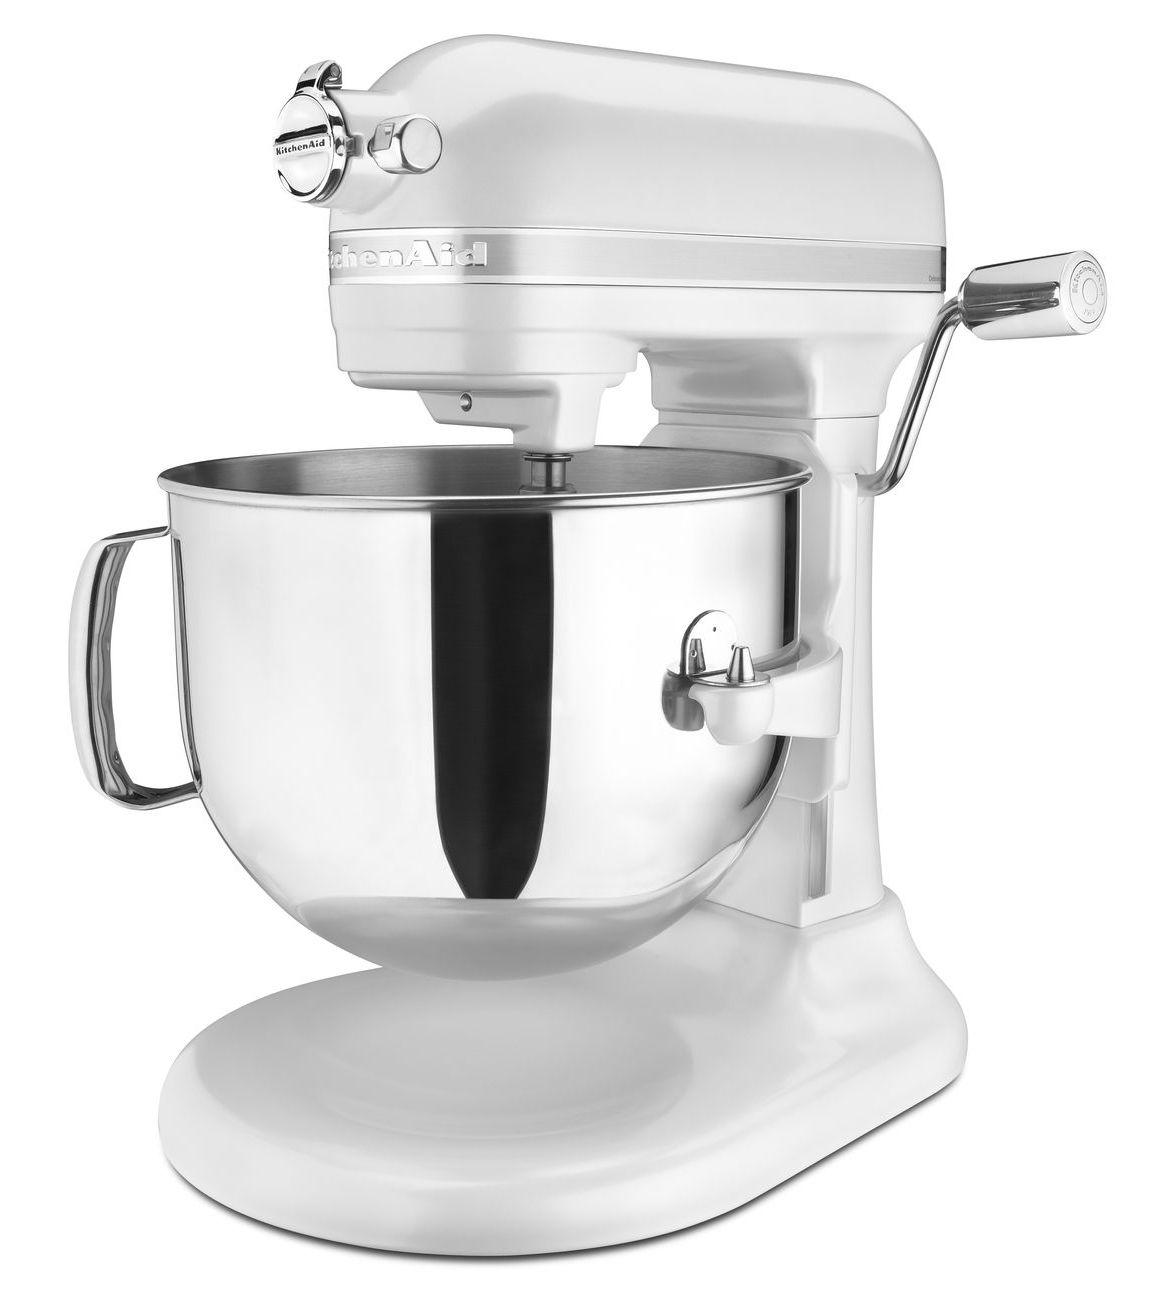 Kitchen aid mixer white Photo - 9